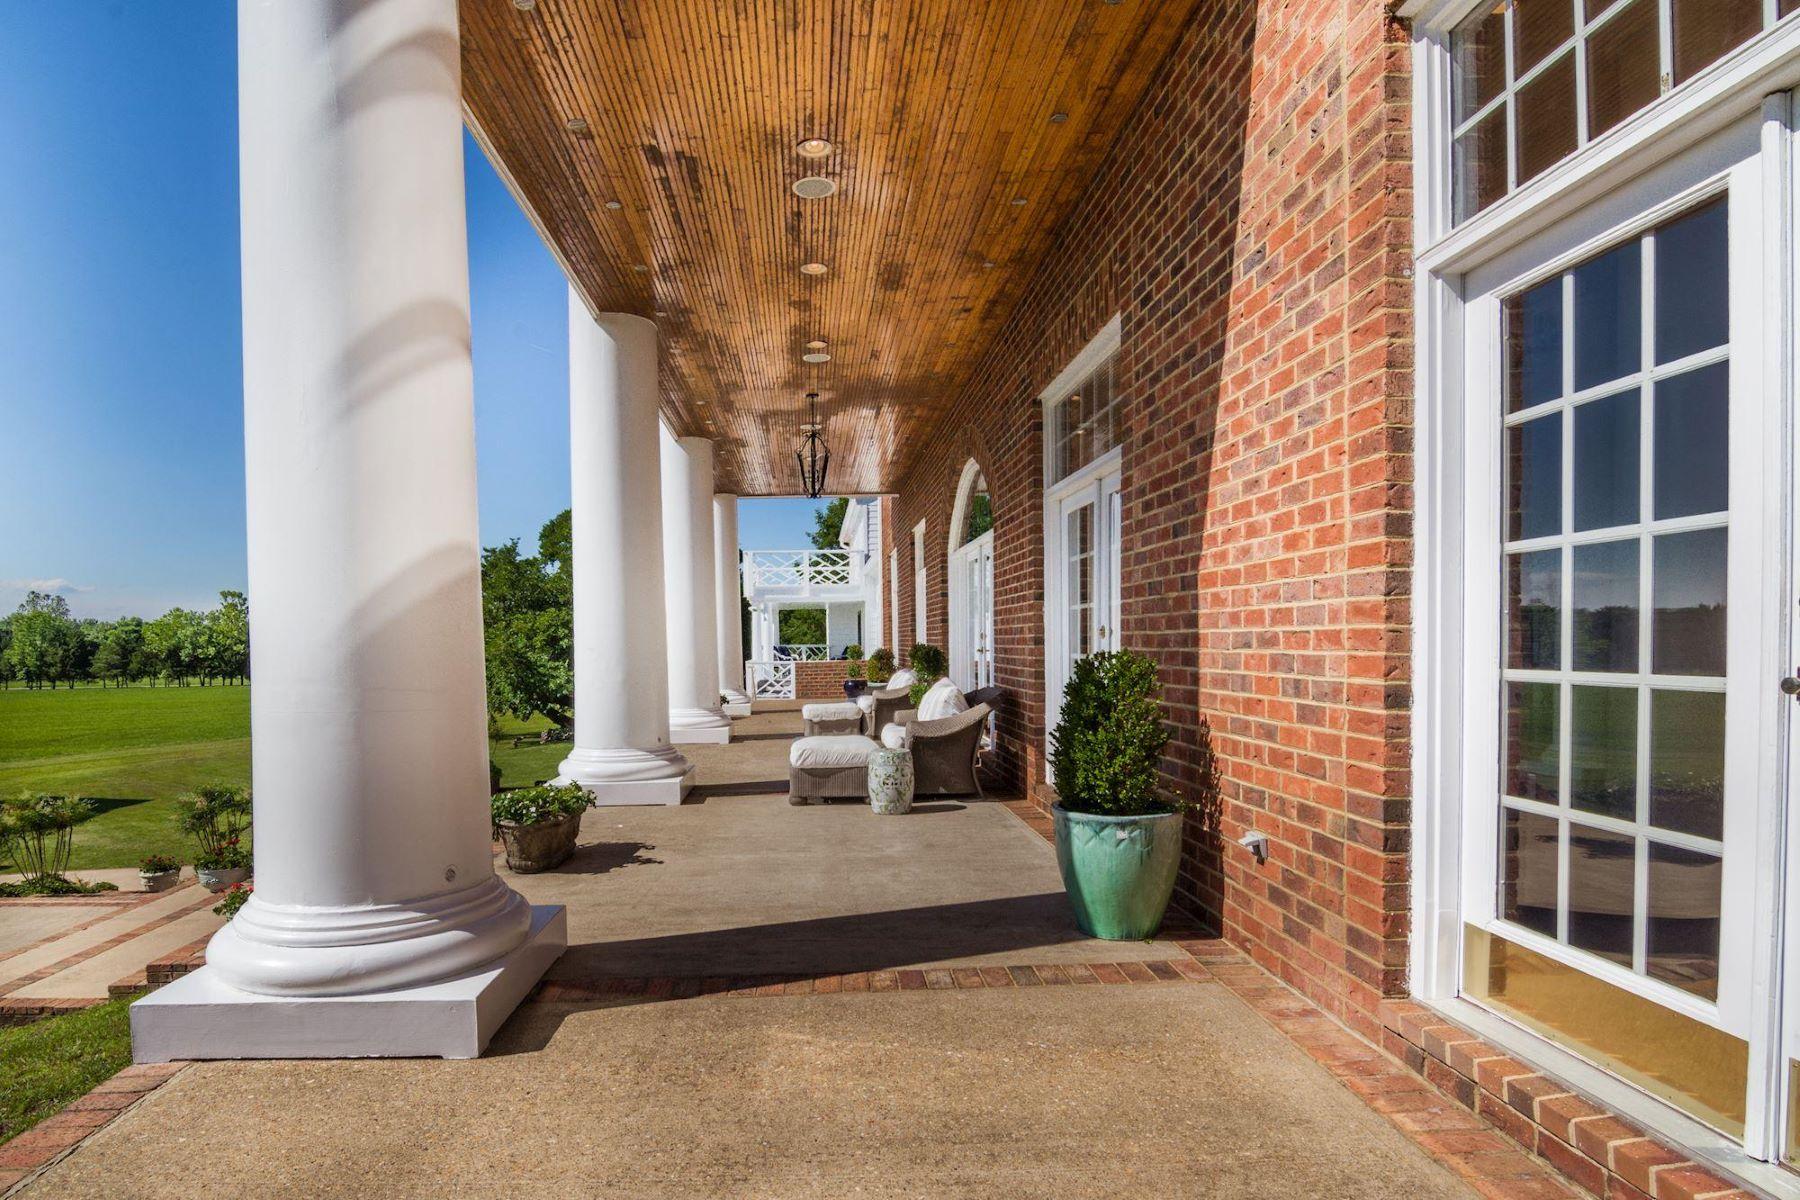 Частный односемейный дом для того Продажа на 4 Pointers Ridge Ct Fredericksburg, Виргиния 22405 Соединенные Штаты